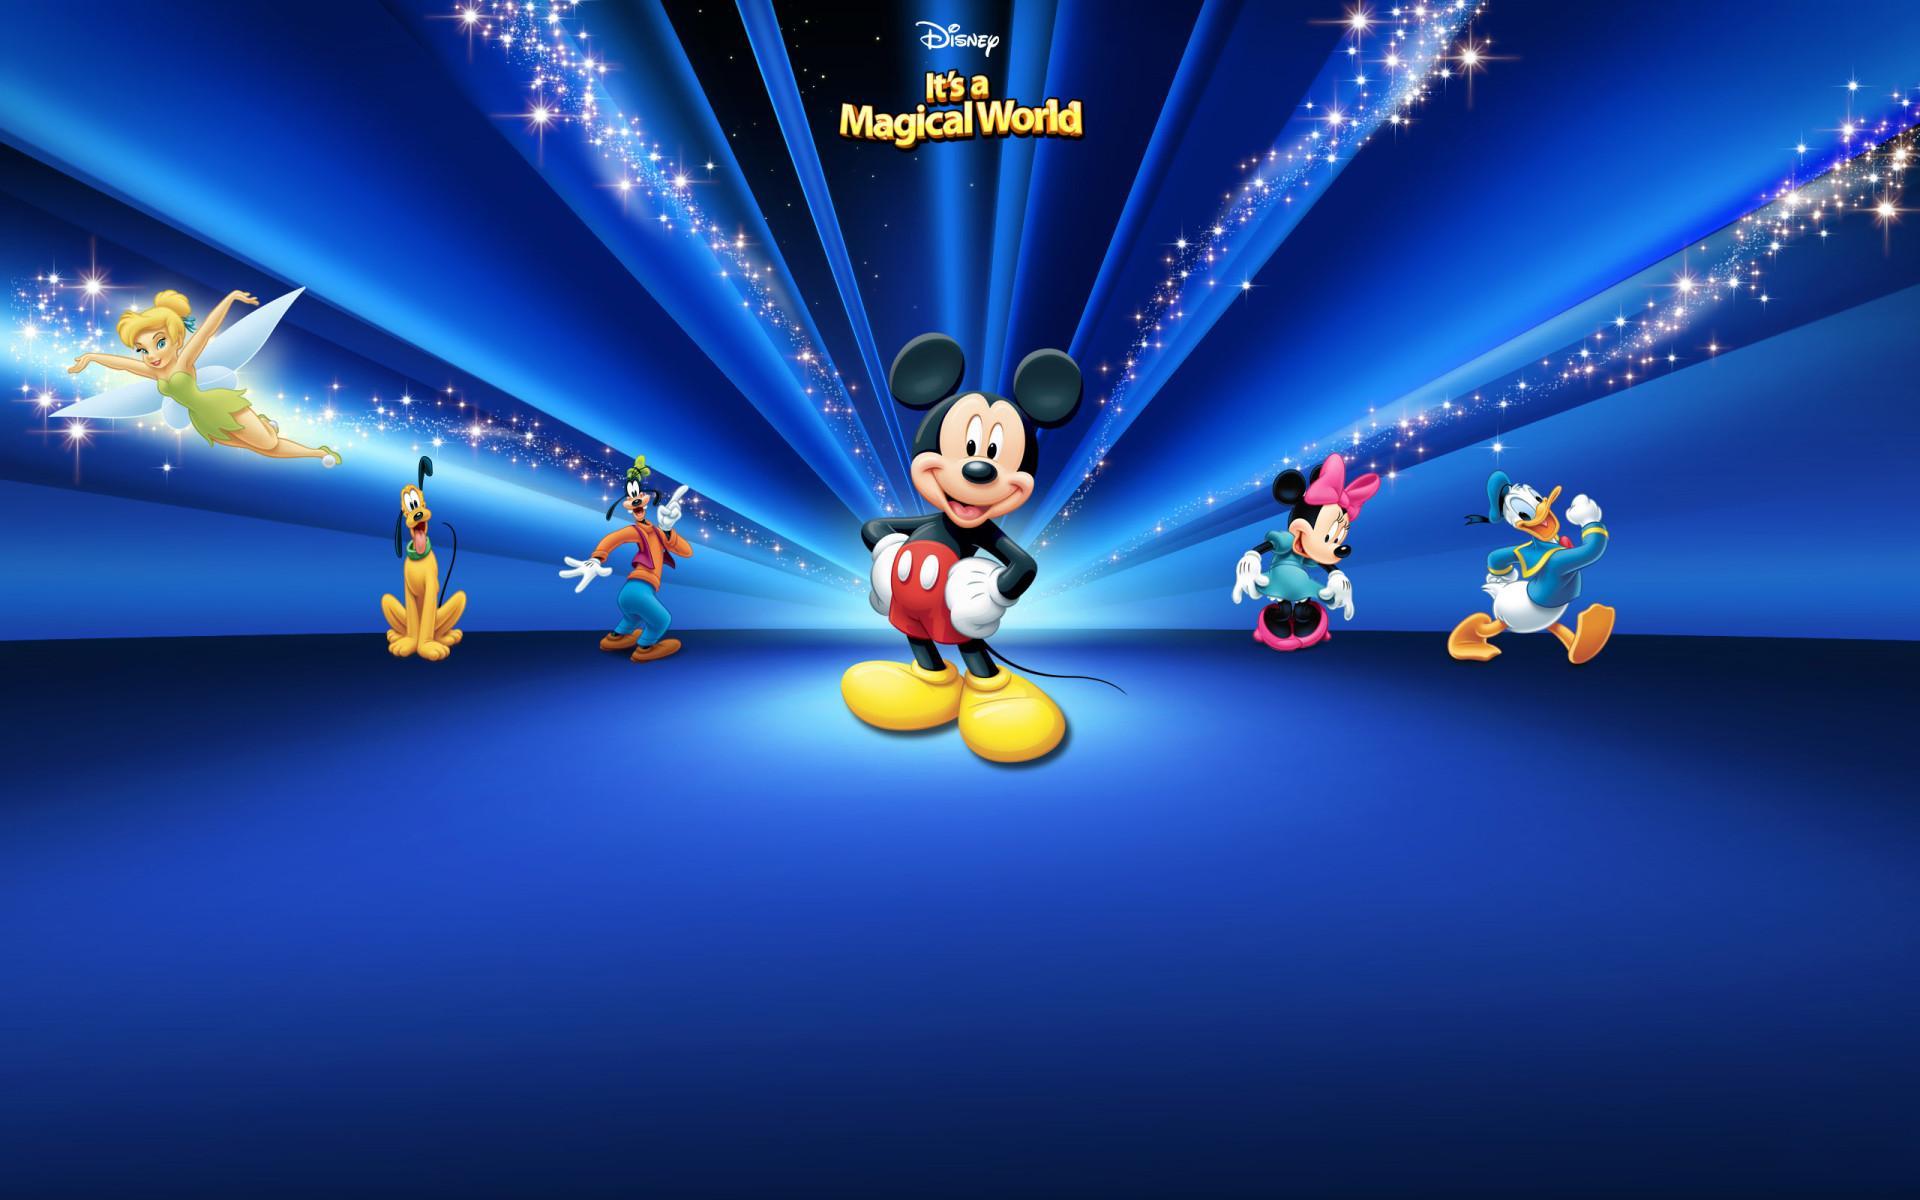 Fondos De Pantalla Disney Mickey Mouse Animaci U00f3n Descargar